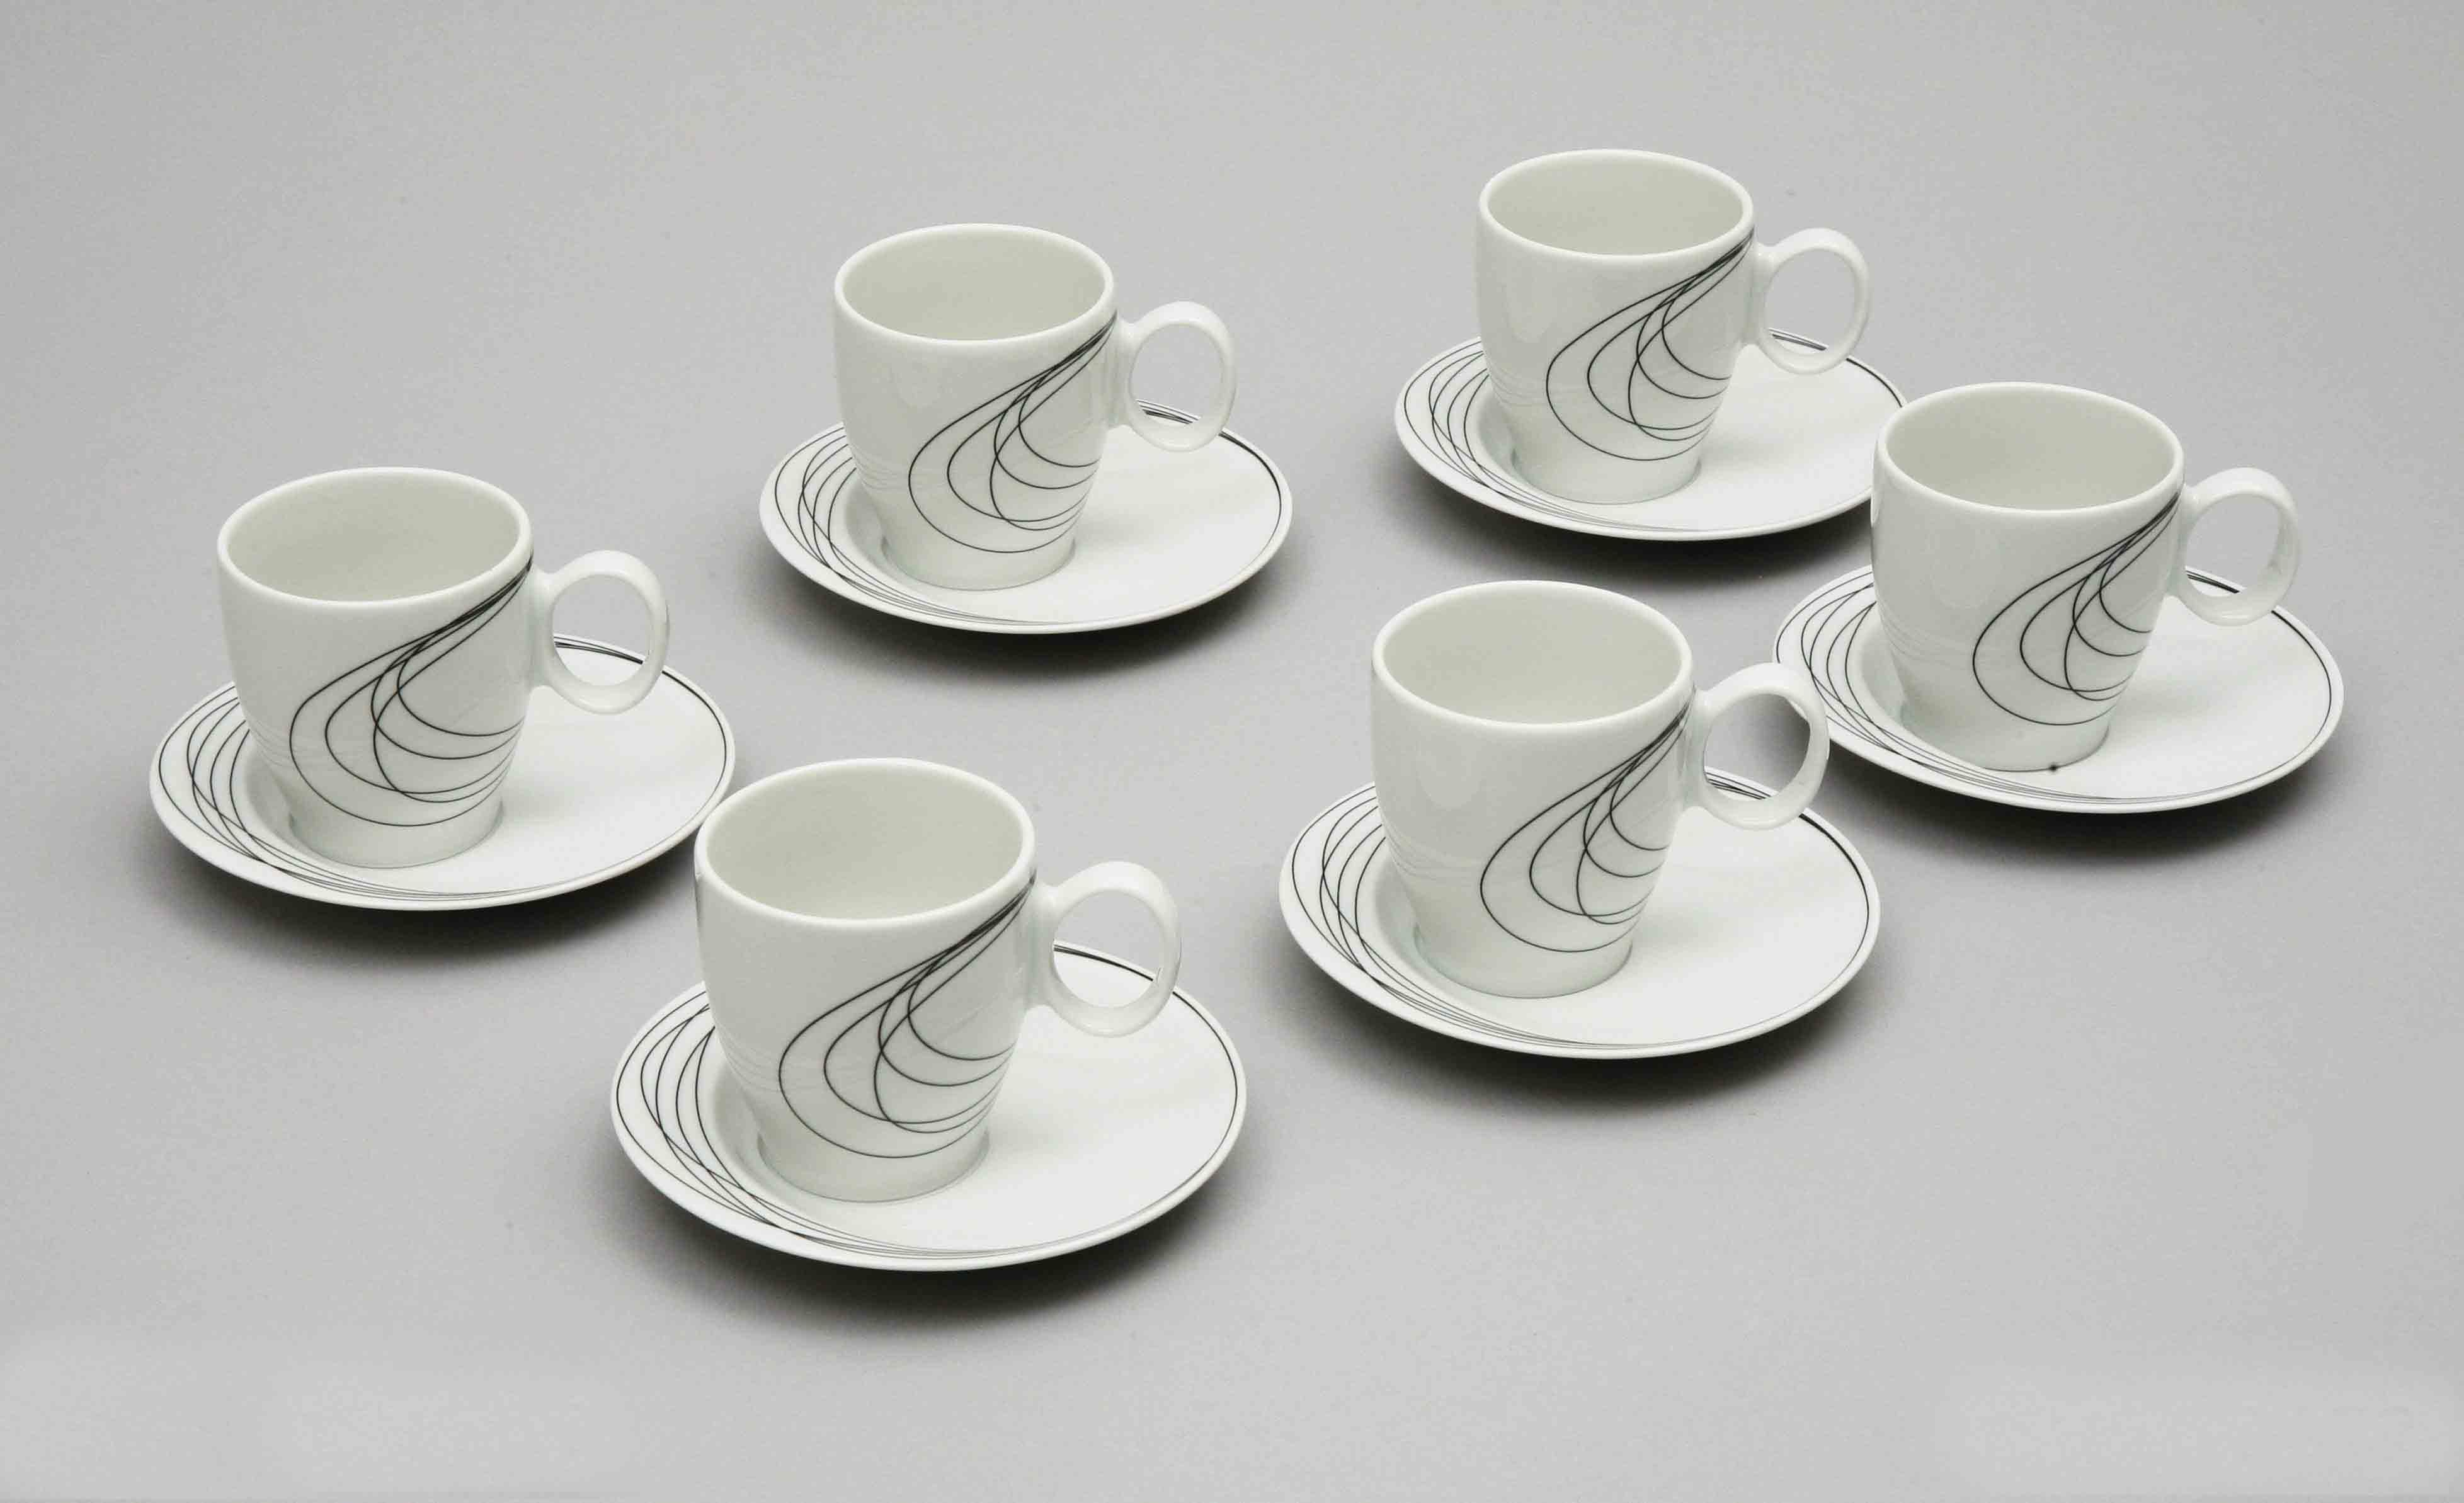 Šálky na kávu z karlovarského porcelánu Thun, dekor čáry, 6ks